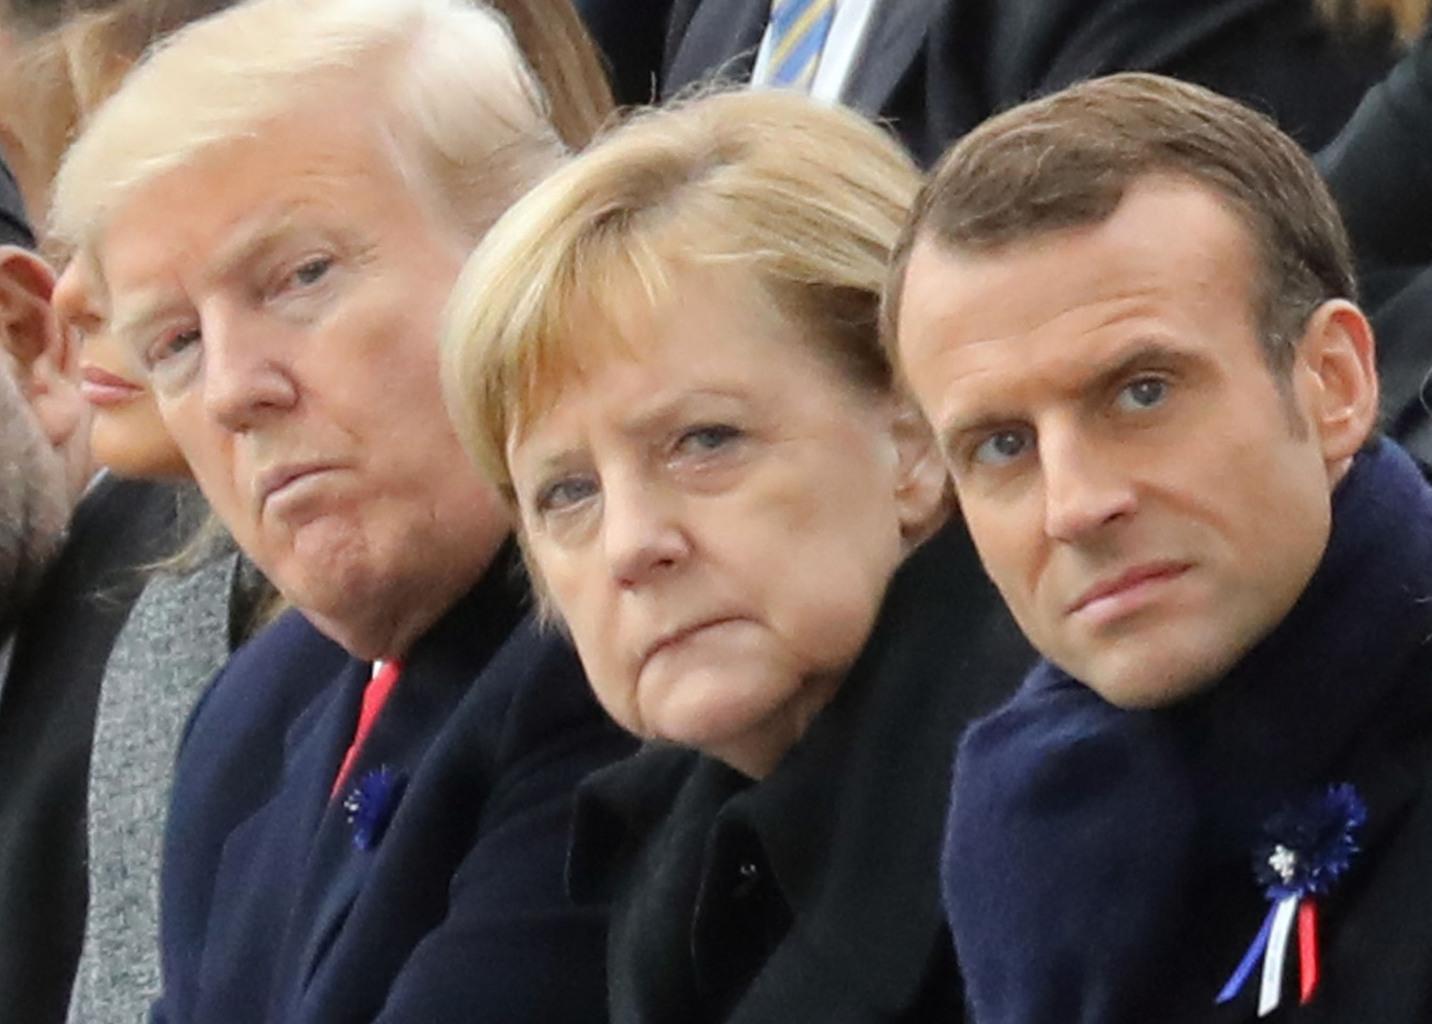 """Donald Trump, Angela Merkel és Emmanuel Macron. """"Trump és Macron nyitna Moszkva felé, a G7-es meghívóhoz kapcsolódó viták azonban igazolják a Kreml óvatosságát és bizalmatlanságát"""" #moszkvater"""